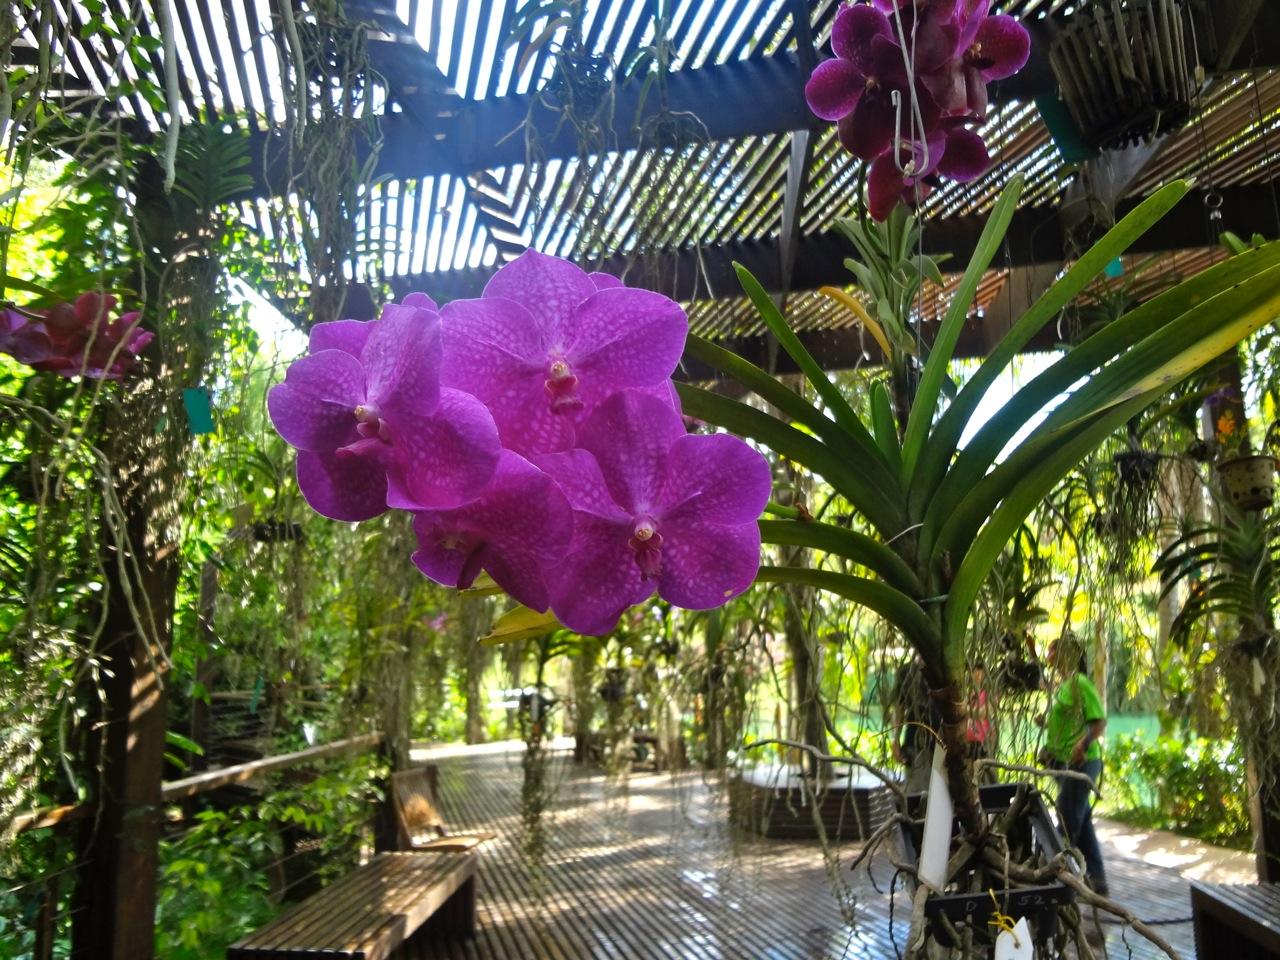 Fundação do Instituto Cultural de Inhotim - Brumadinho (MG) - orquídea